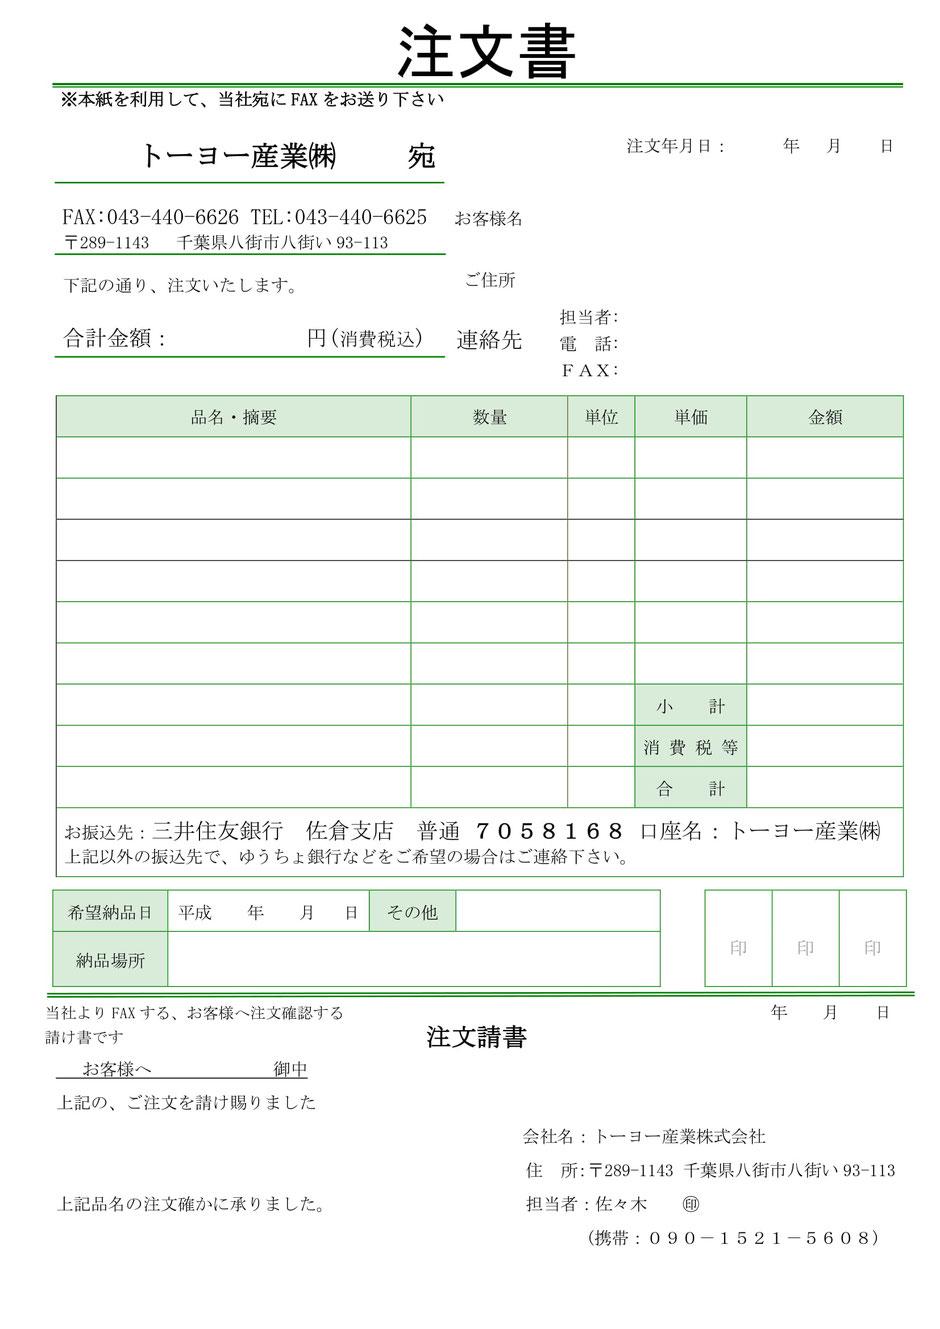 暗渠パイプなどのお問合せがあり、当社へ注文する場合に使用される注文書式です。